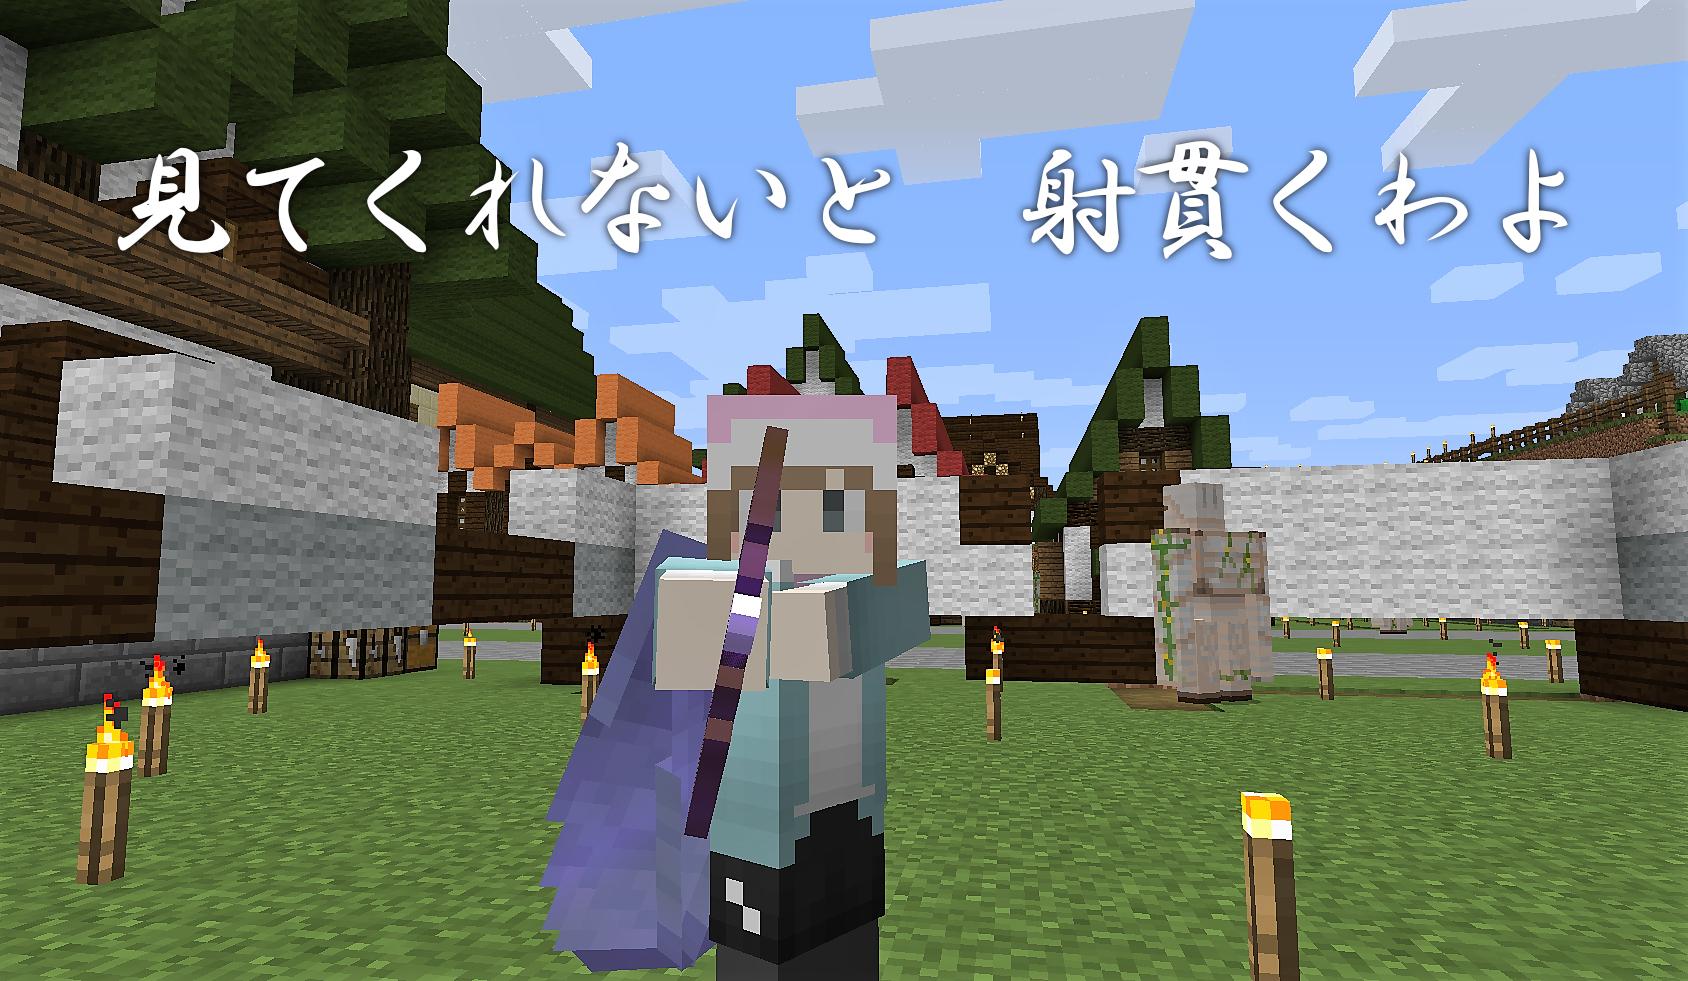 弓矢.jpg